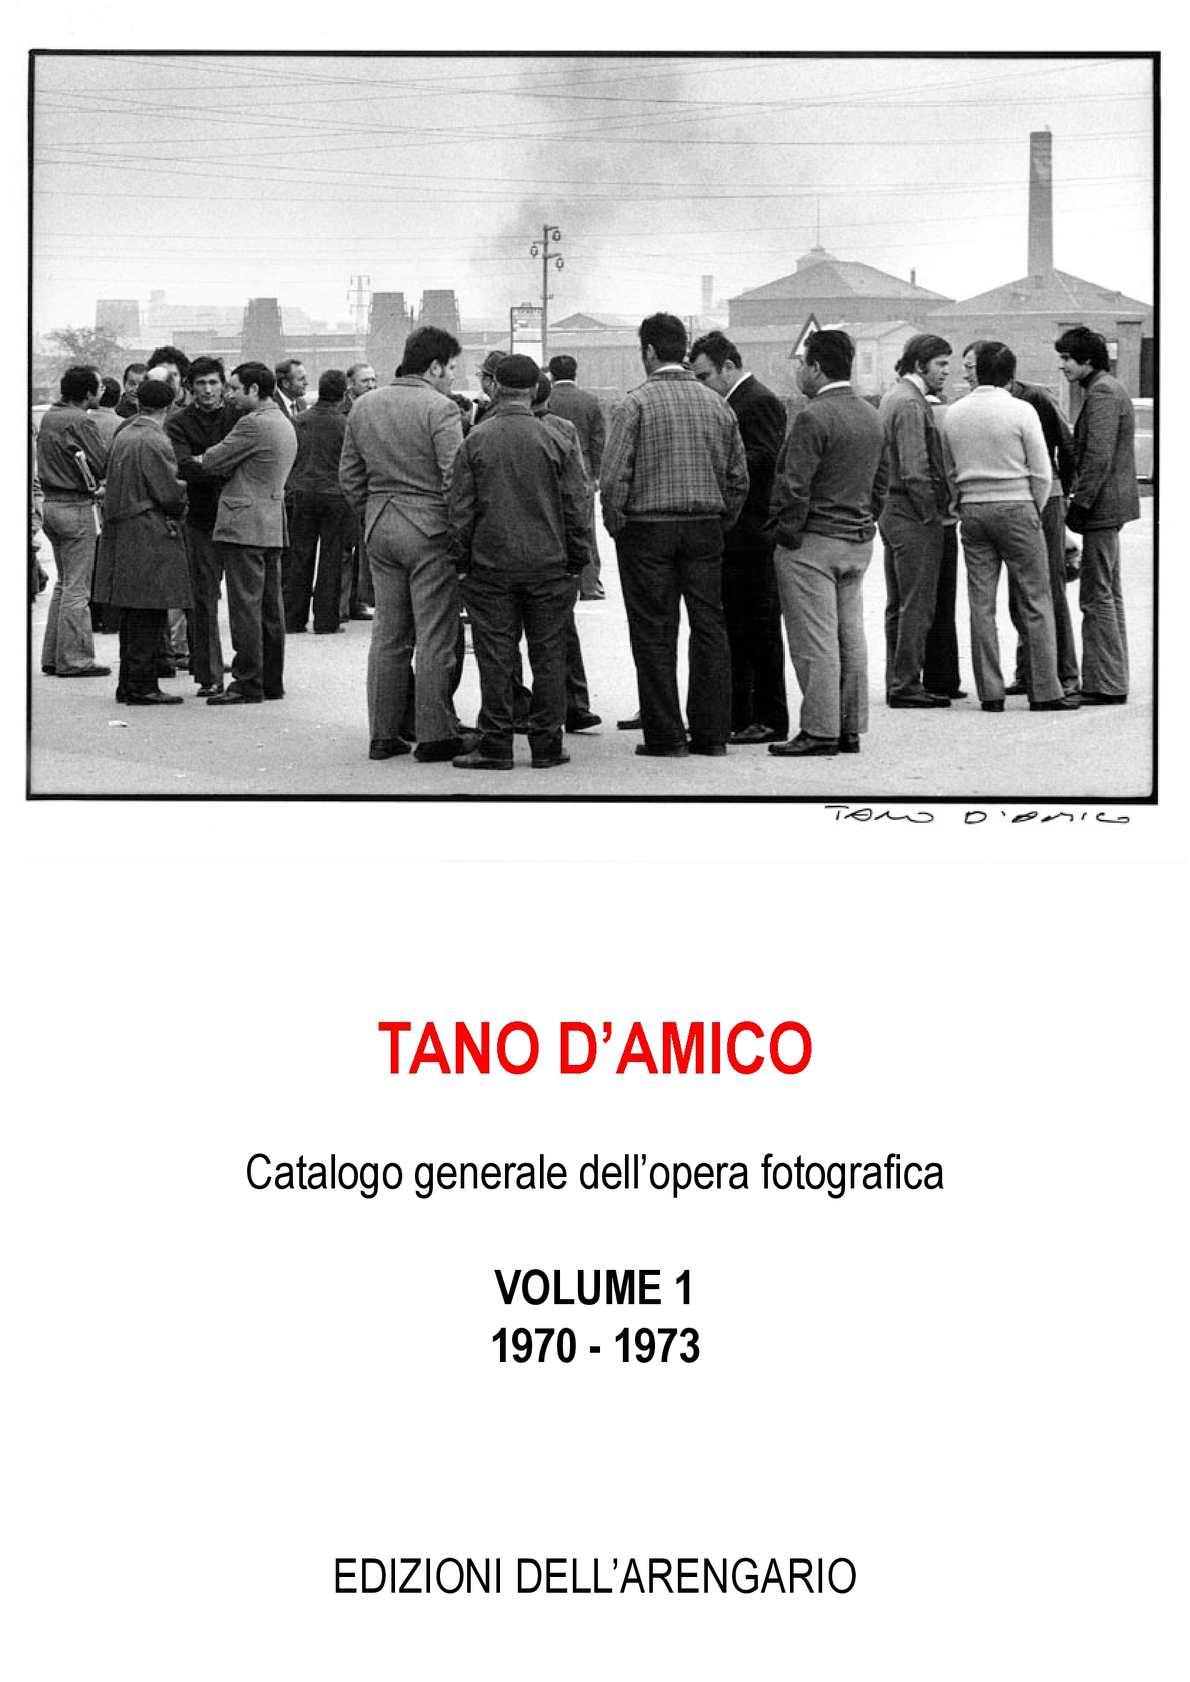 Catalogo 1970 1973